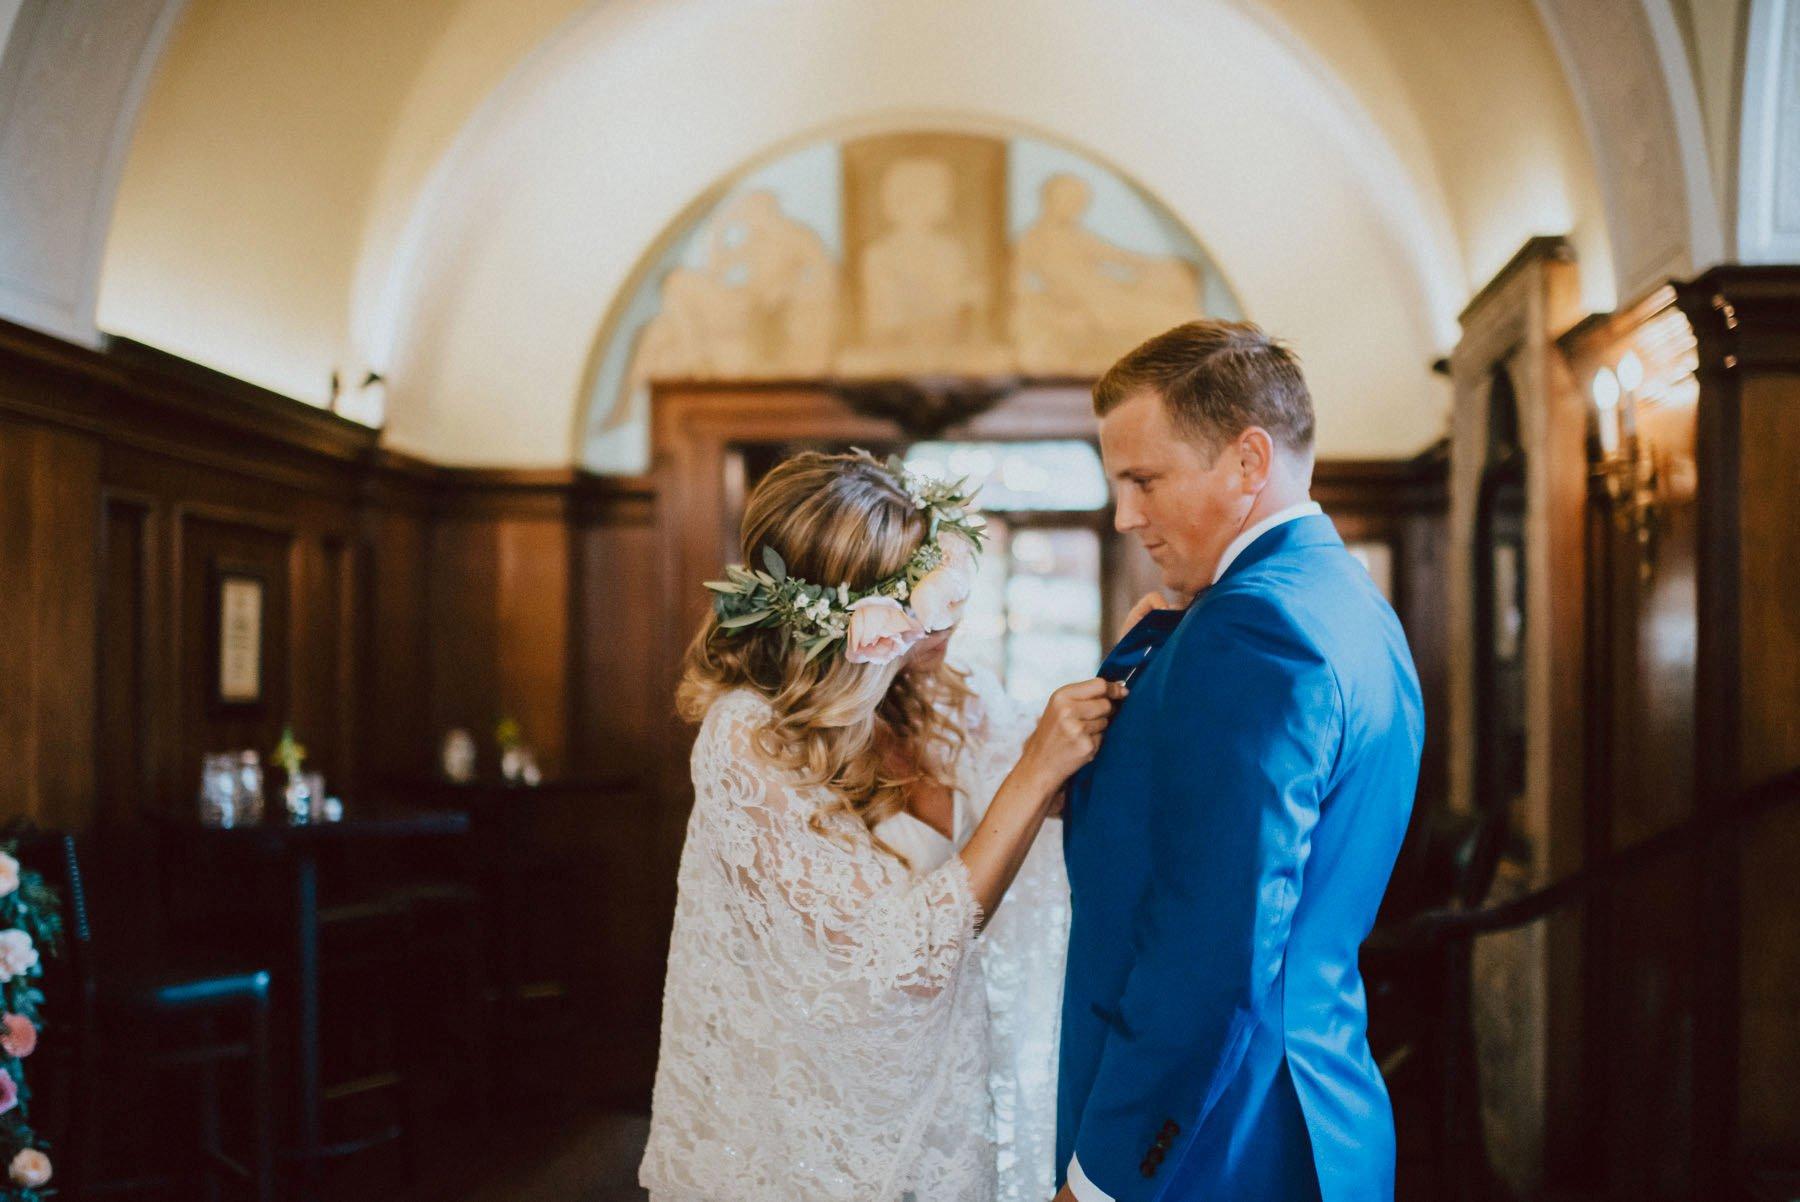 la-cheri-philadelphia-wedding-9.jpg